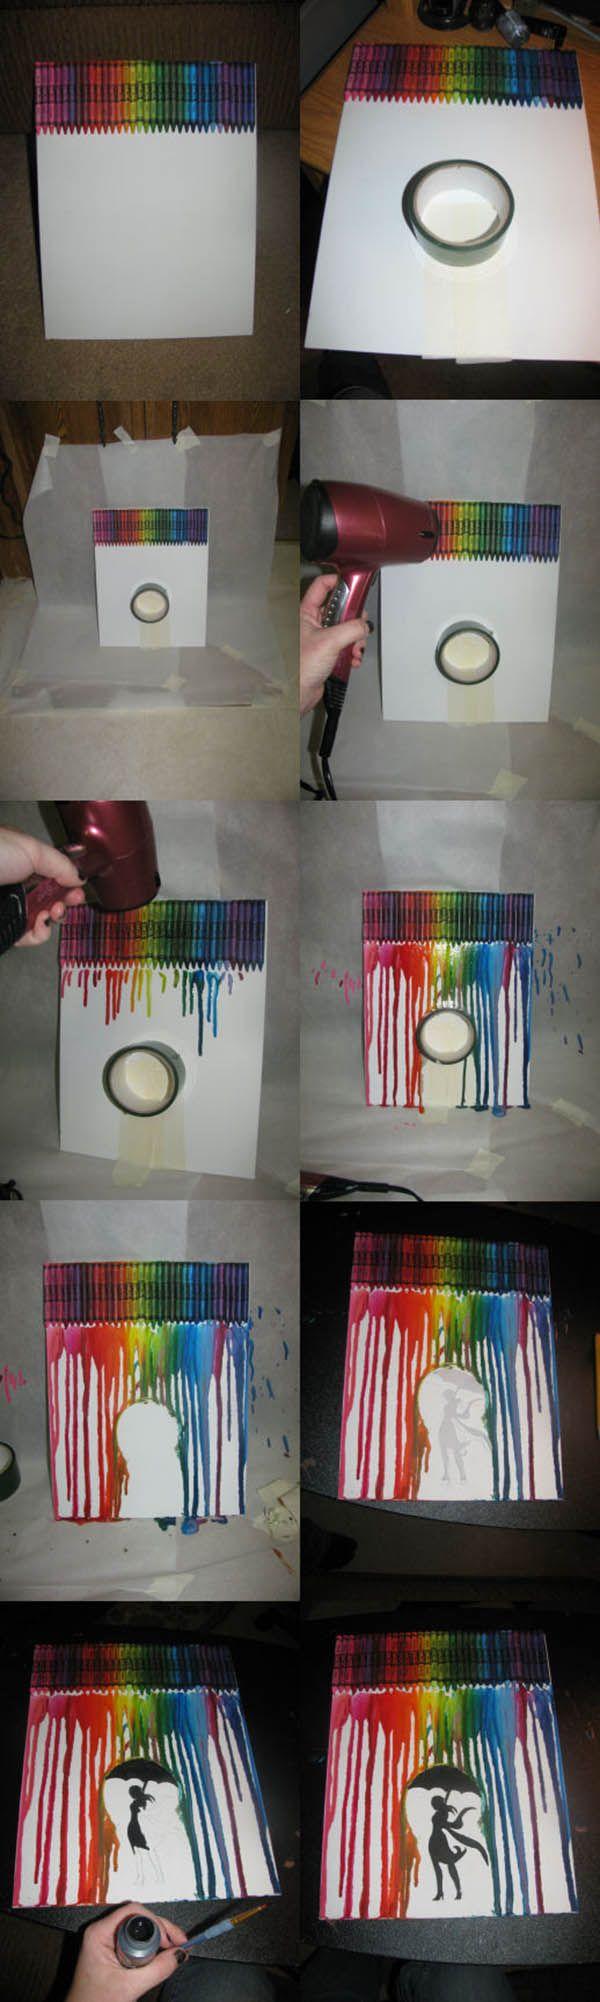 Mum Boya ile Dekoratif Tablo Yapımı http://kendinyap.gen.tr/mum-boya-ile-dekoratif-tablo-yapimi/